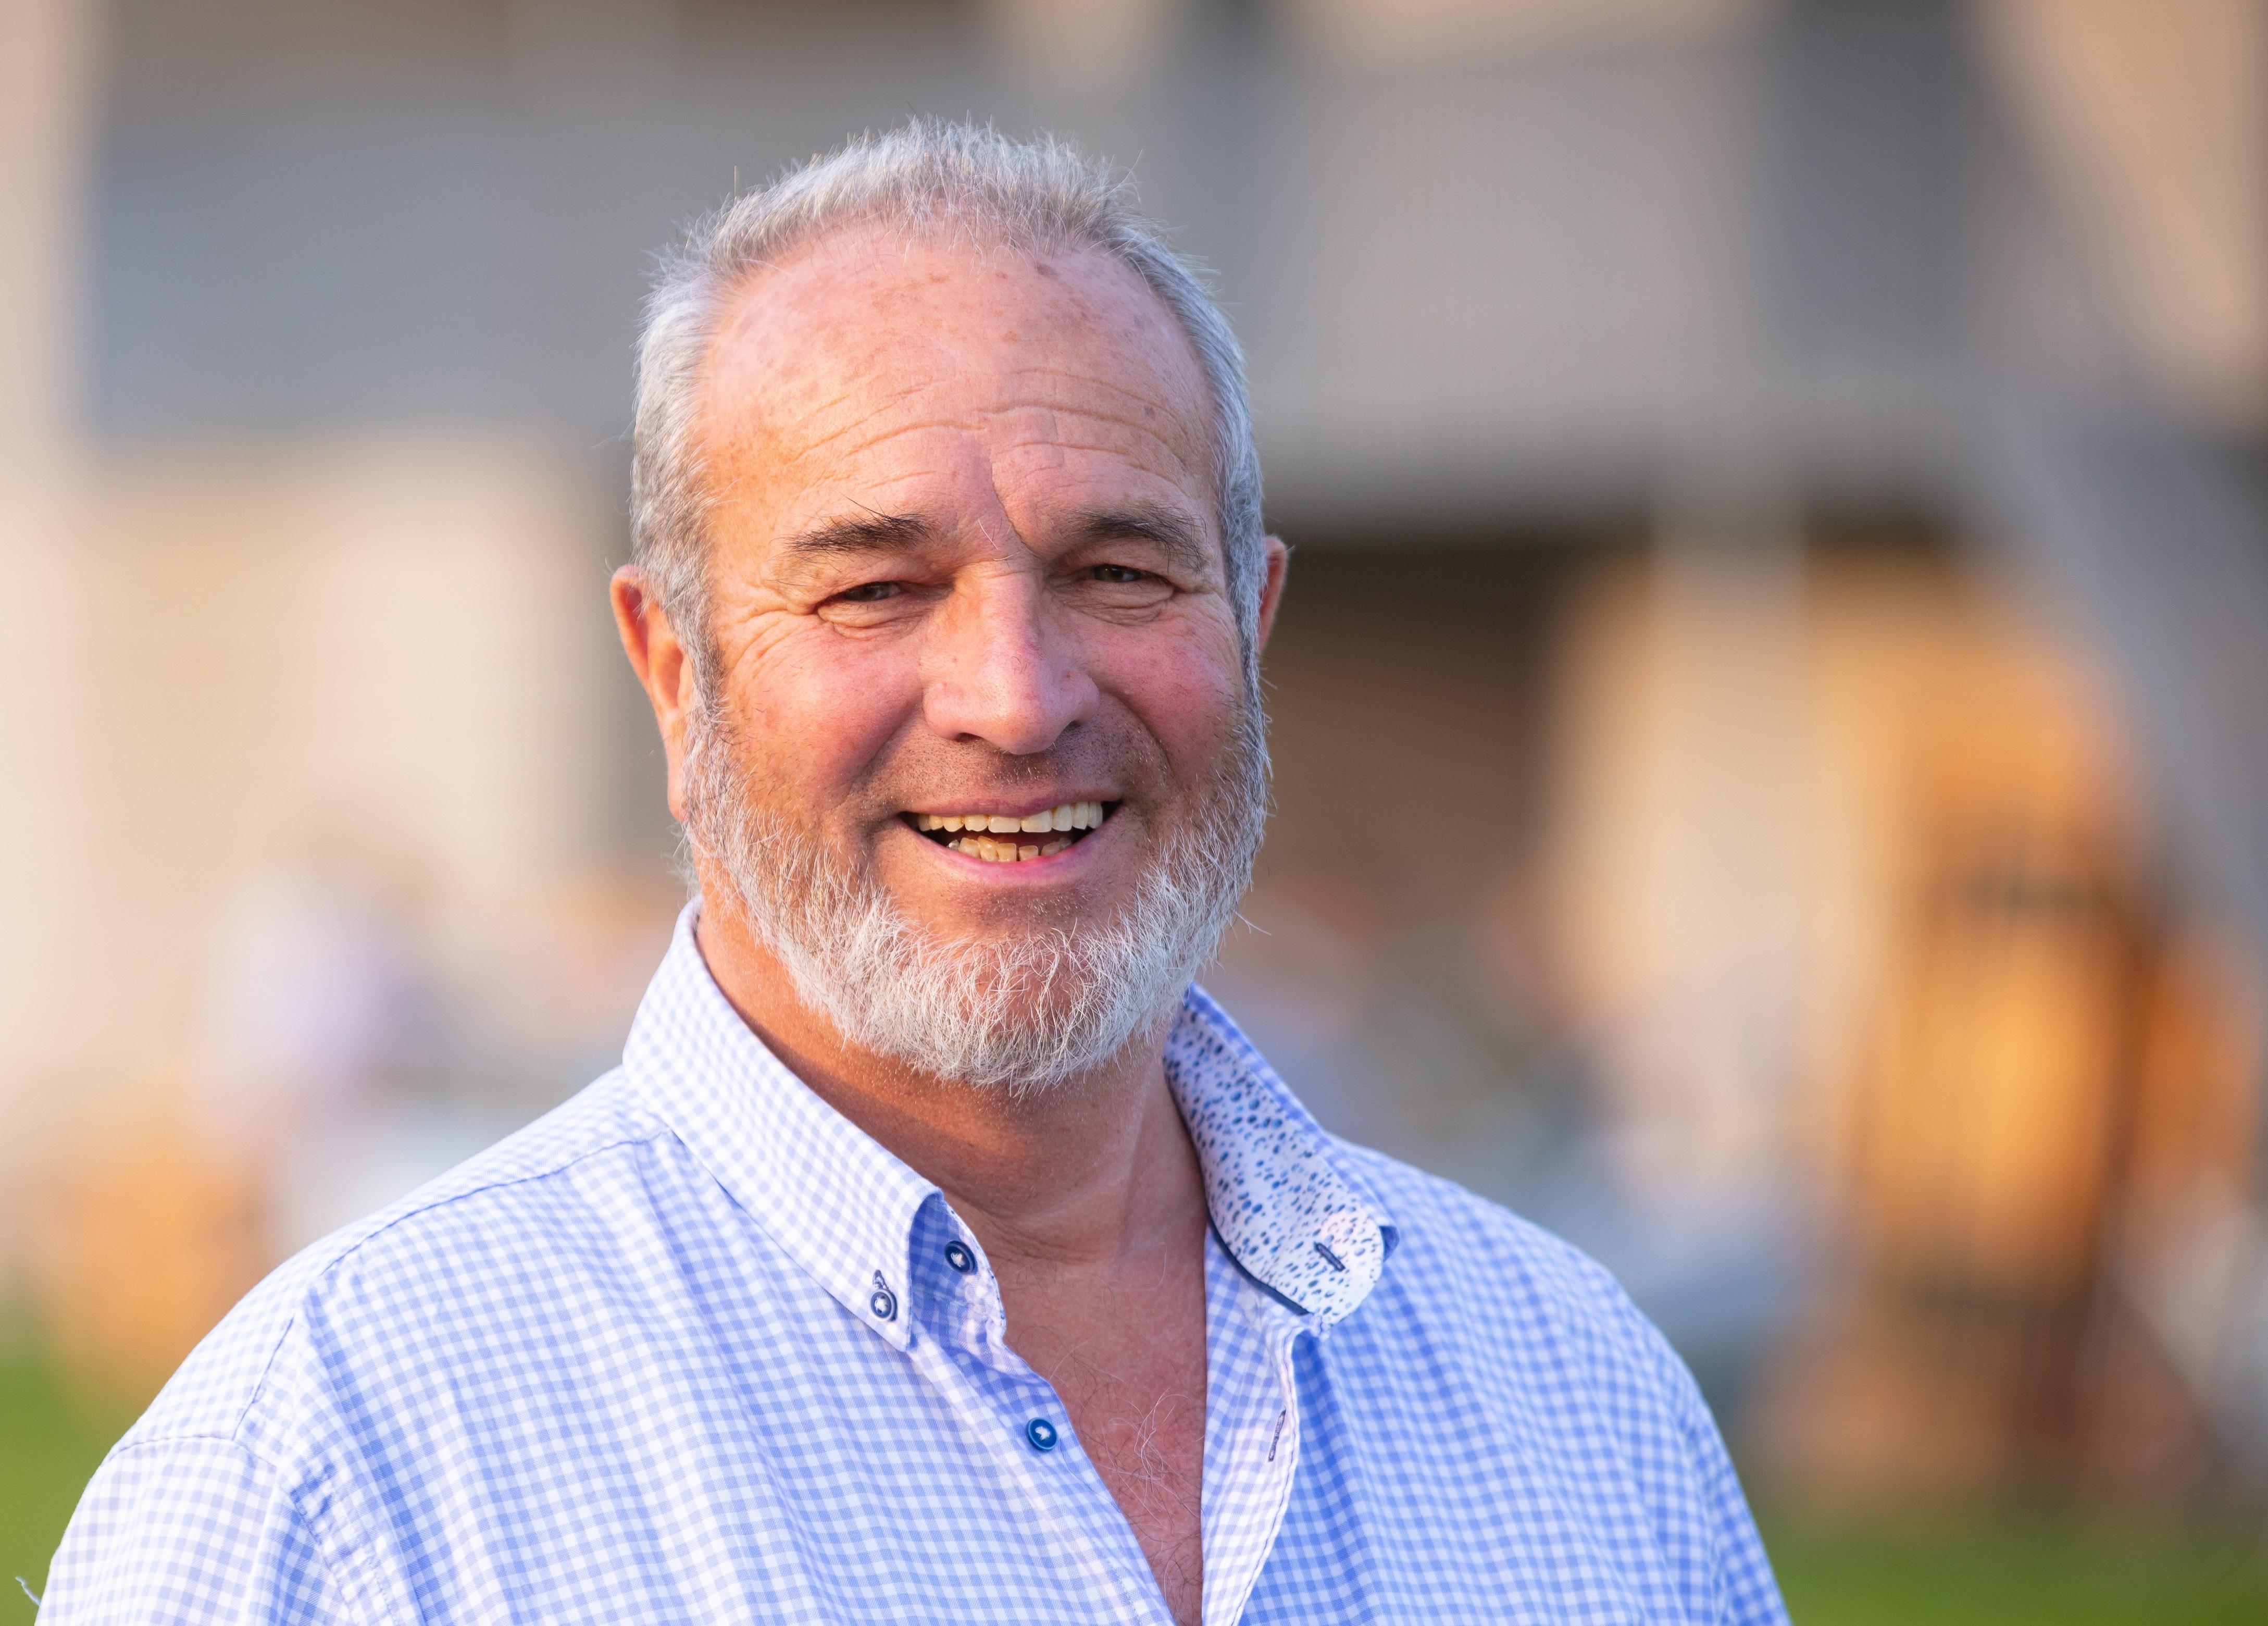 Michel Vanderhasselt